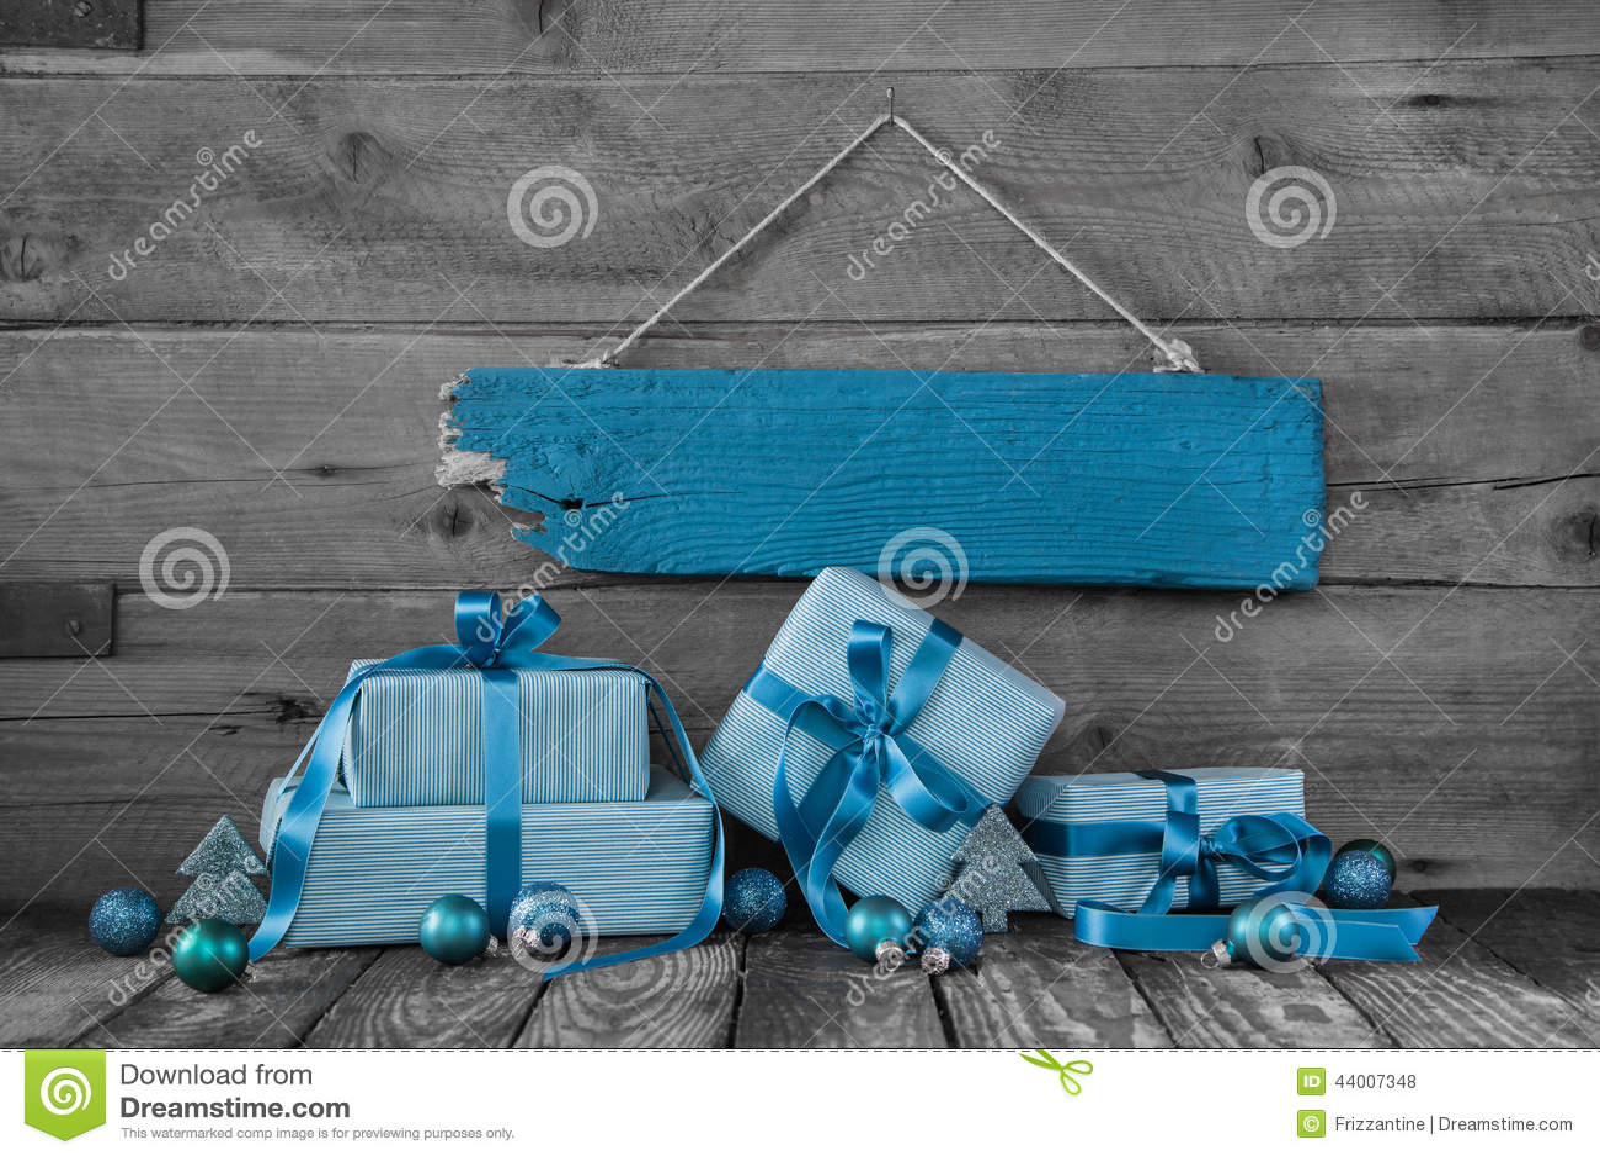 Bakgrund: Julkupong eller kupong med gåvor i turquoi